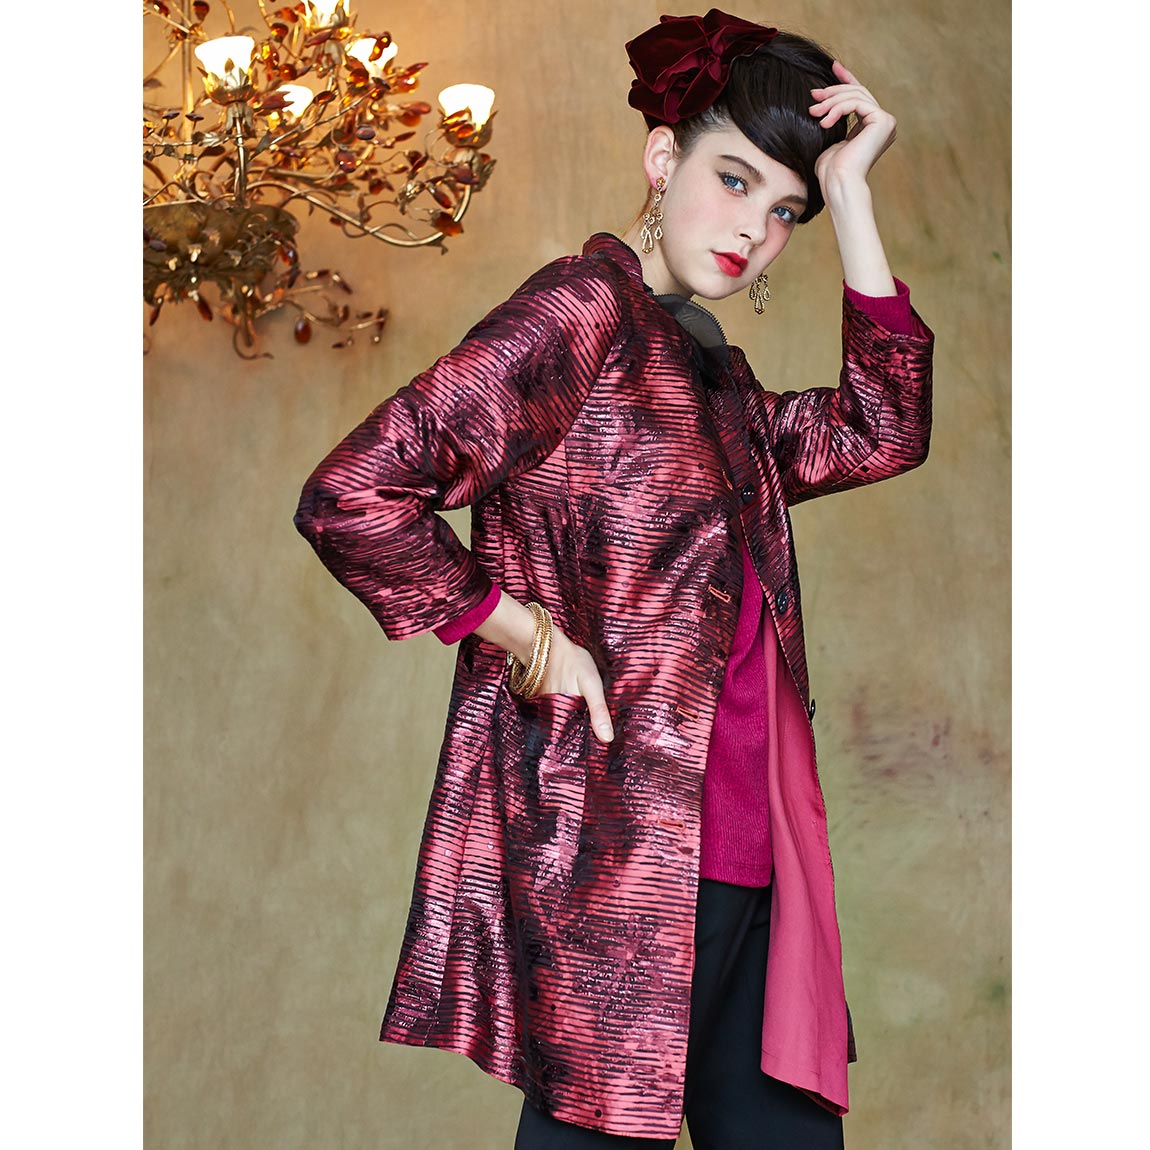 盈樺 亮麗金屬光澤提花寬鬆輕薄長版外套